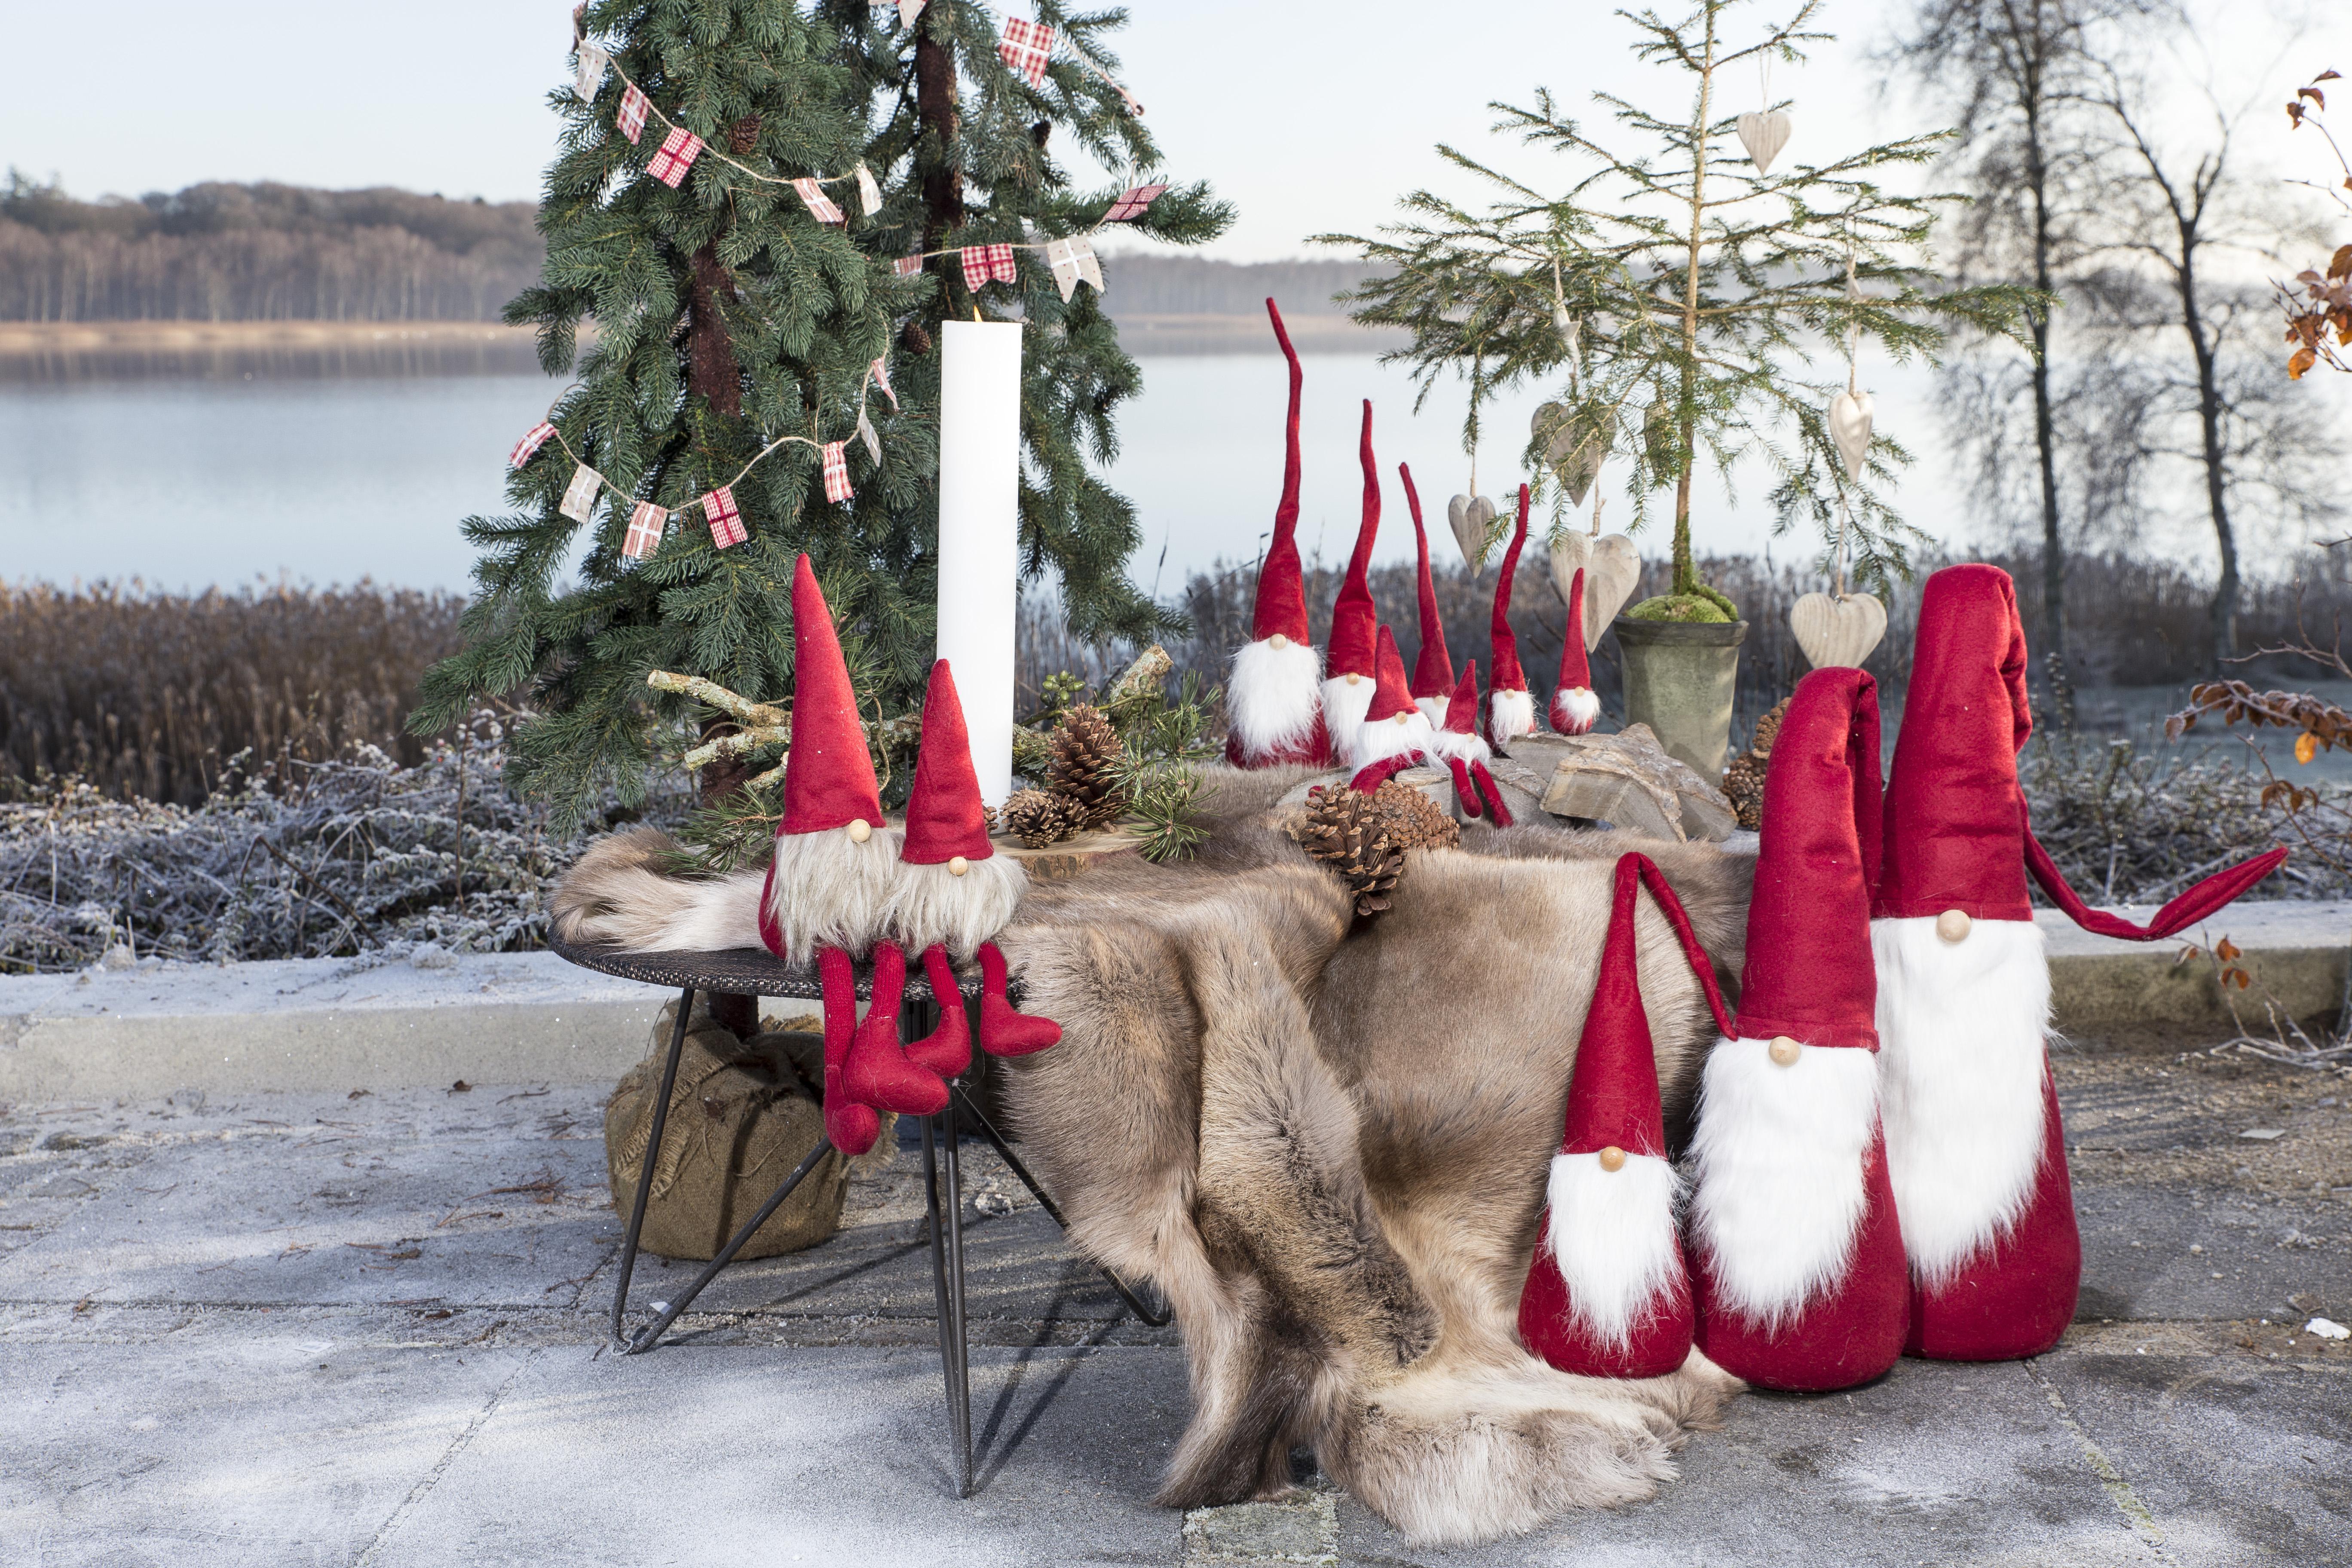 Ungdommelige Julepynt - vi har mange søde nisser og led lyskugler og pynt der GY05